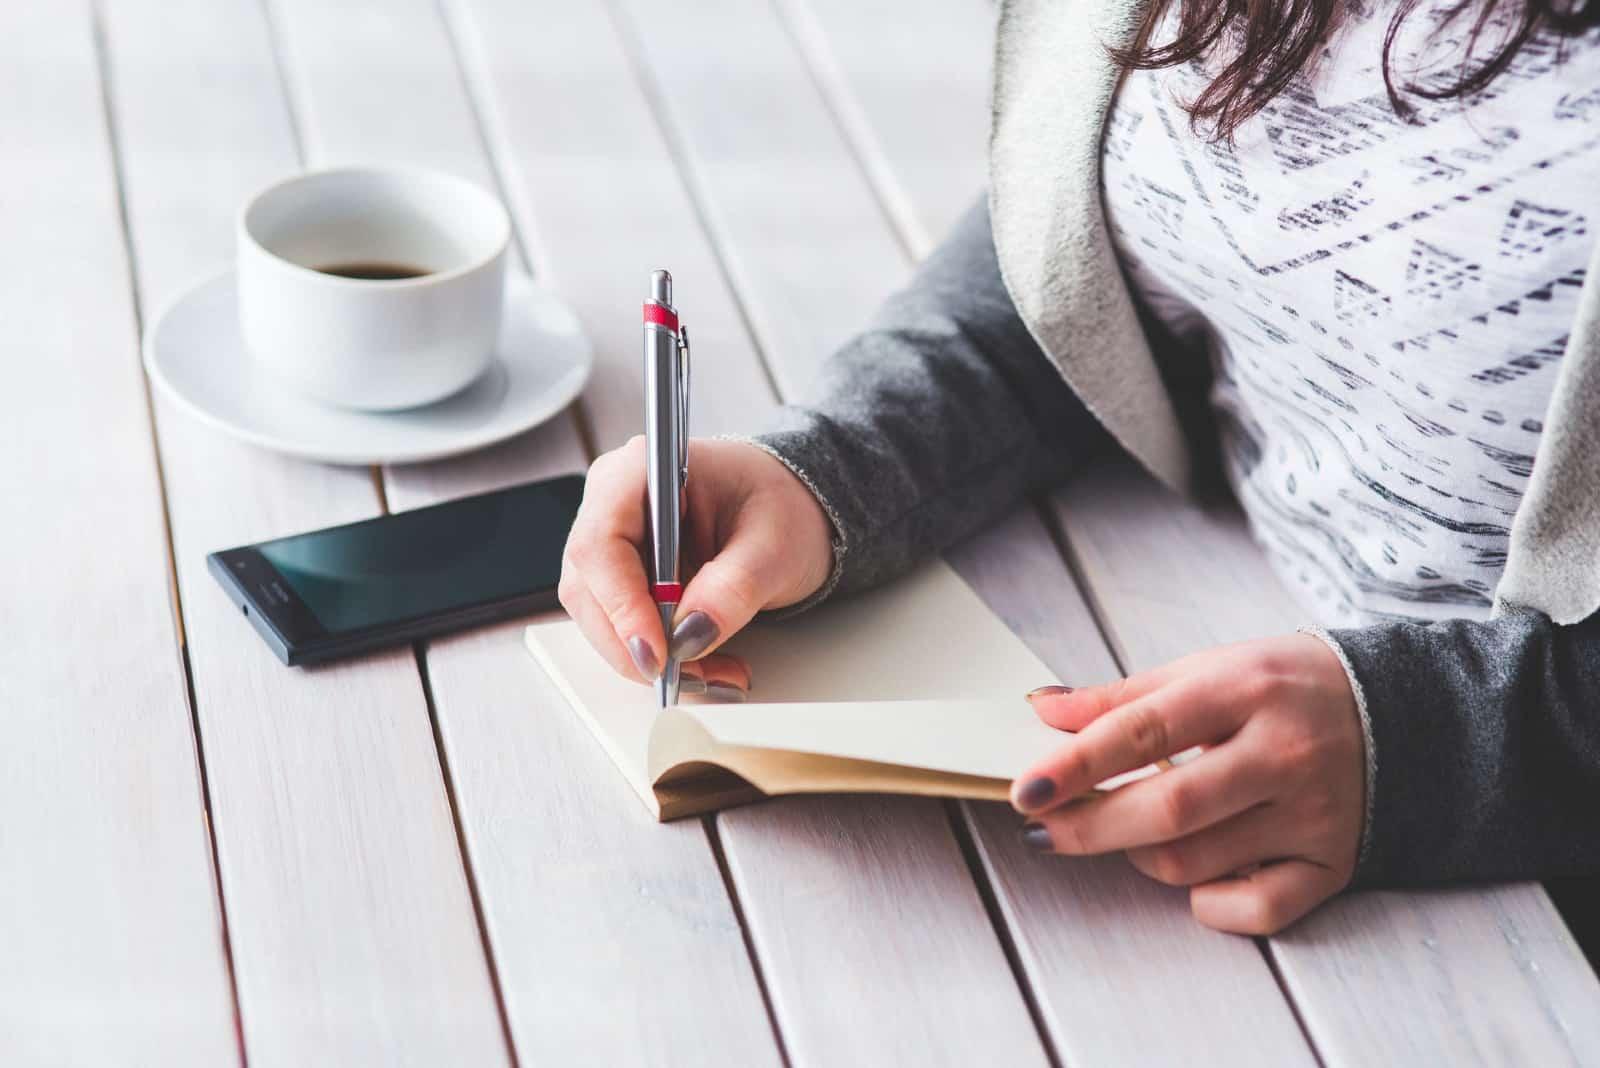 Femme écrivant sur un papier, assise à une table